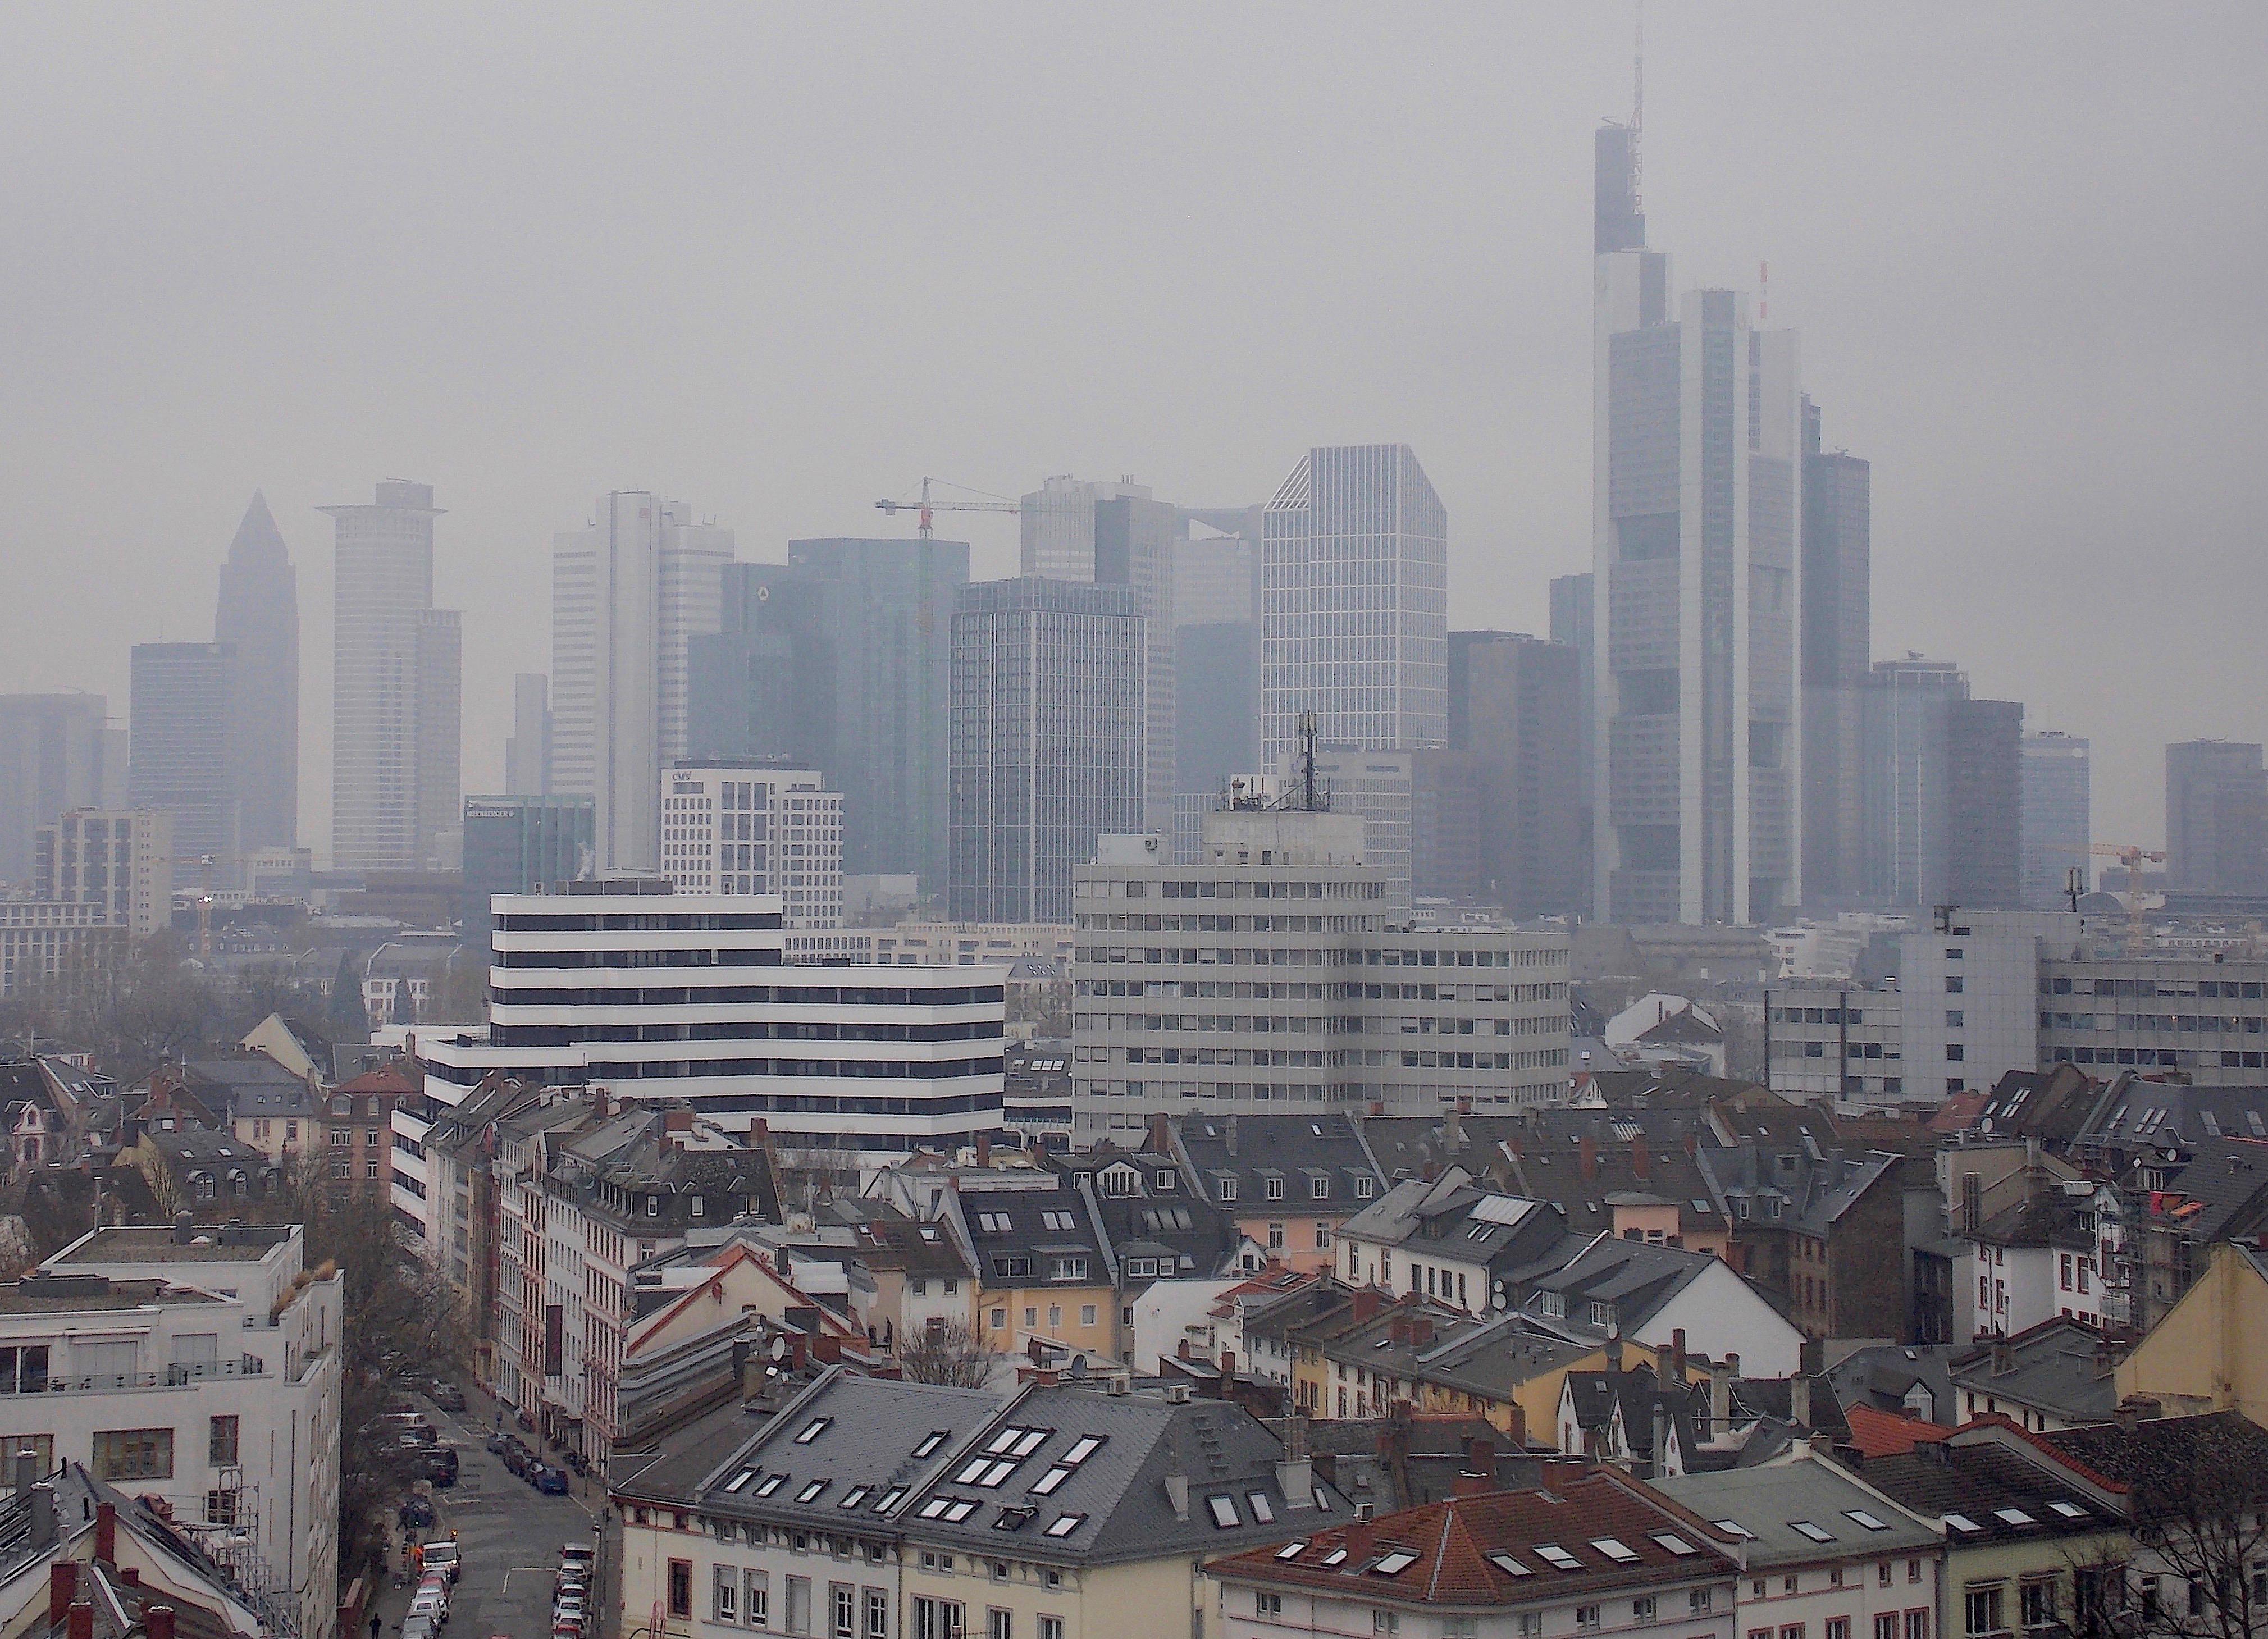 Die beste Detektei Frankfurt am Main observiert und recherchiert weltweit